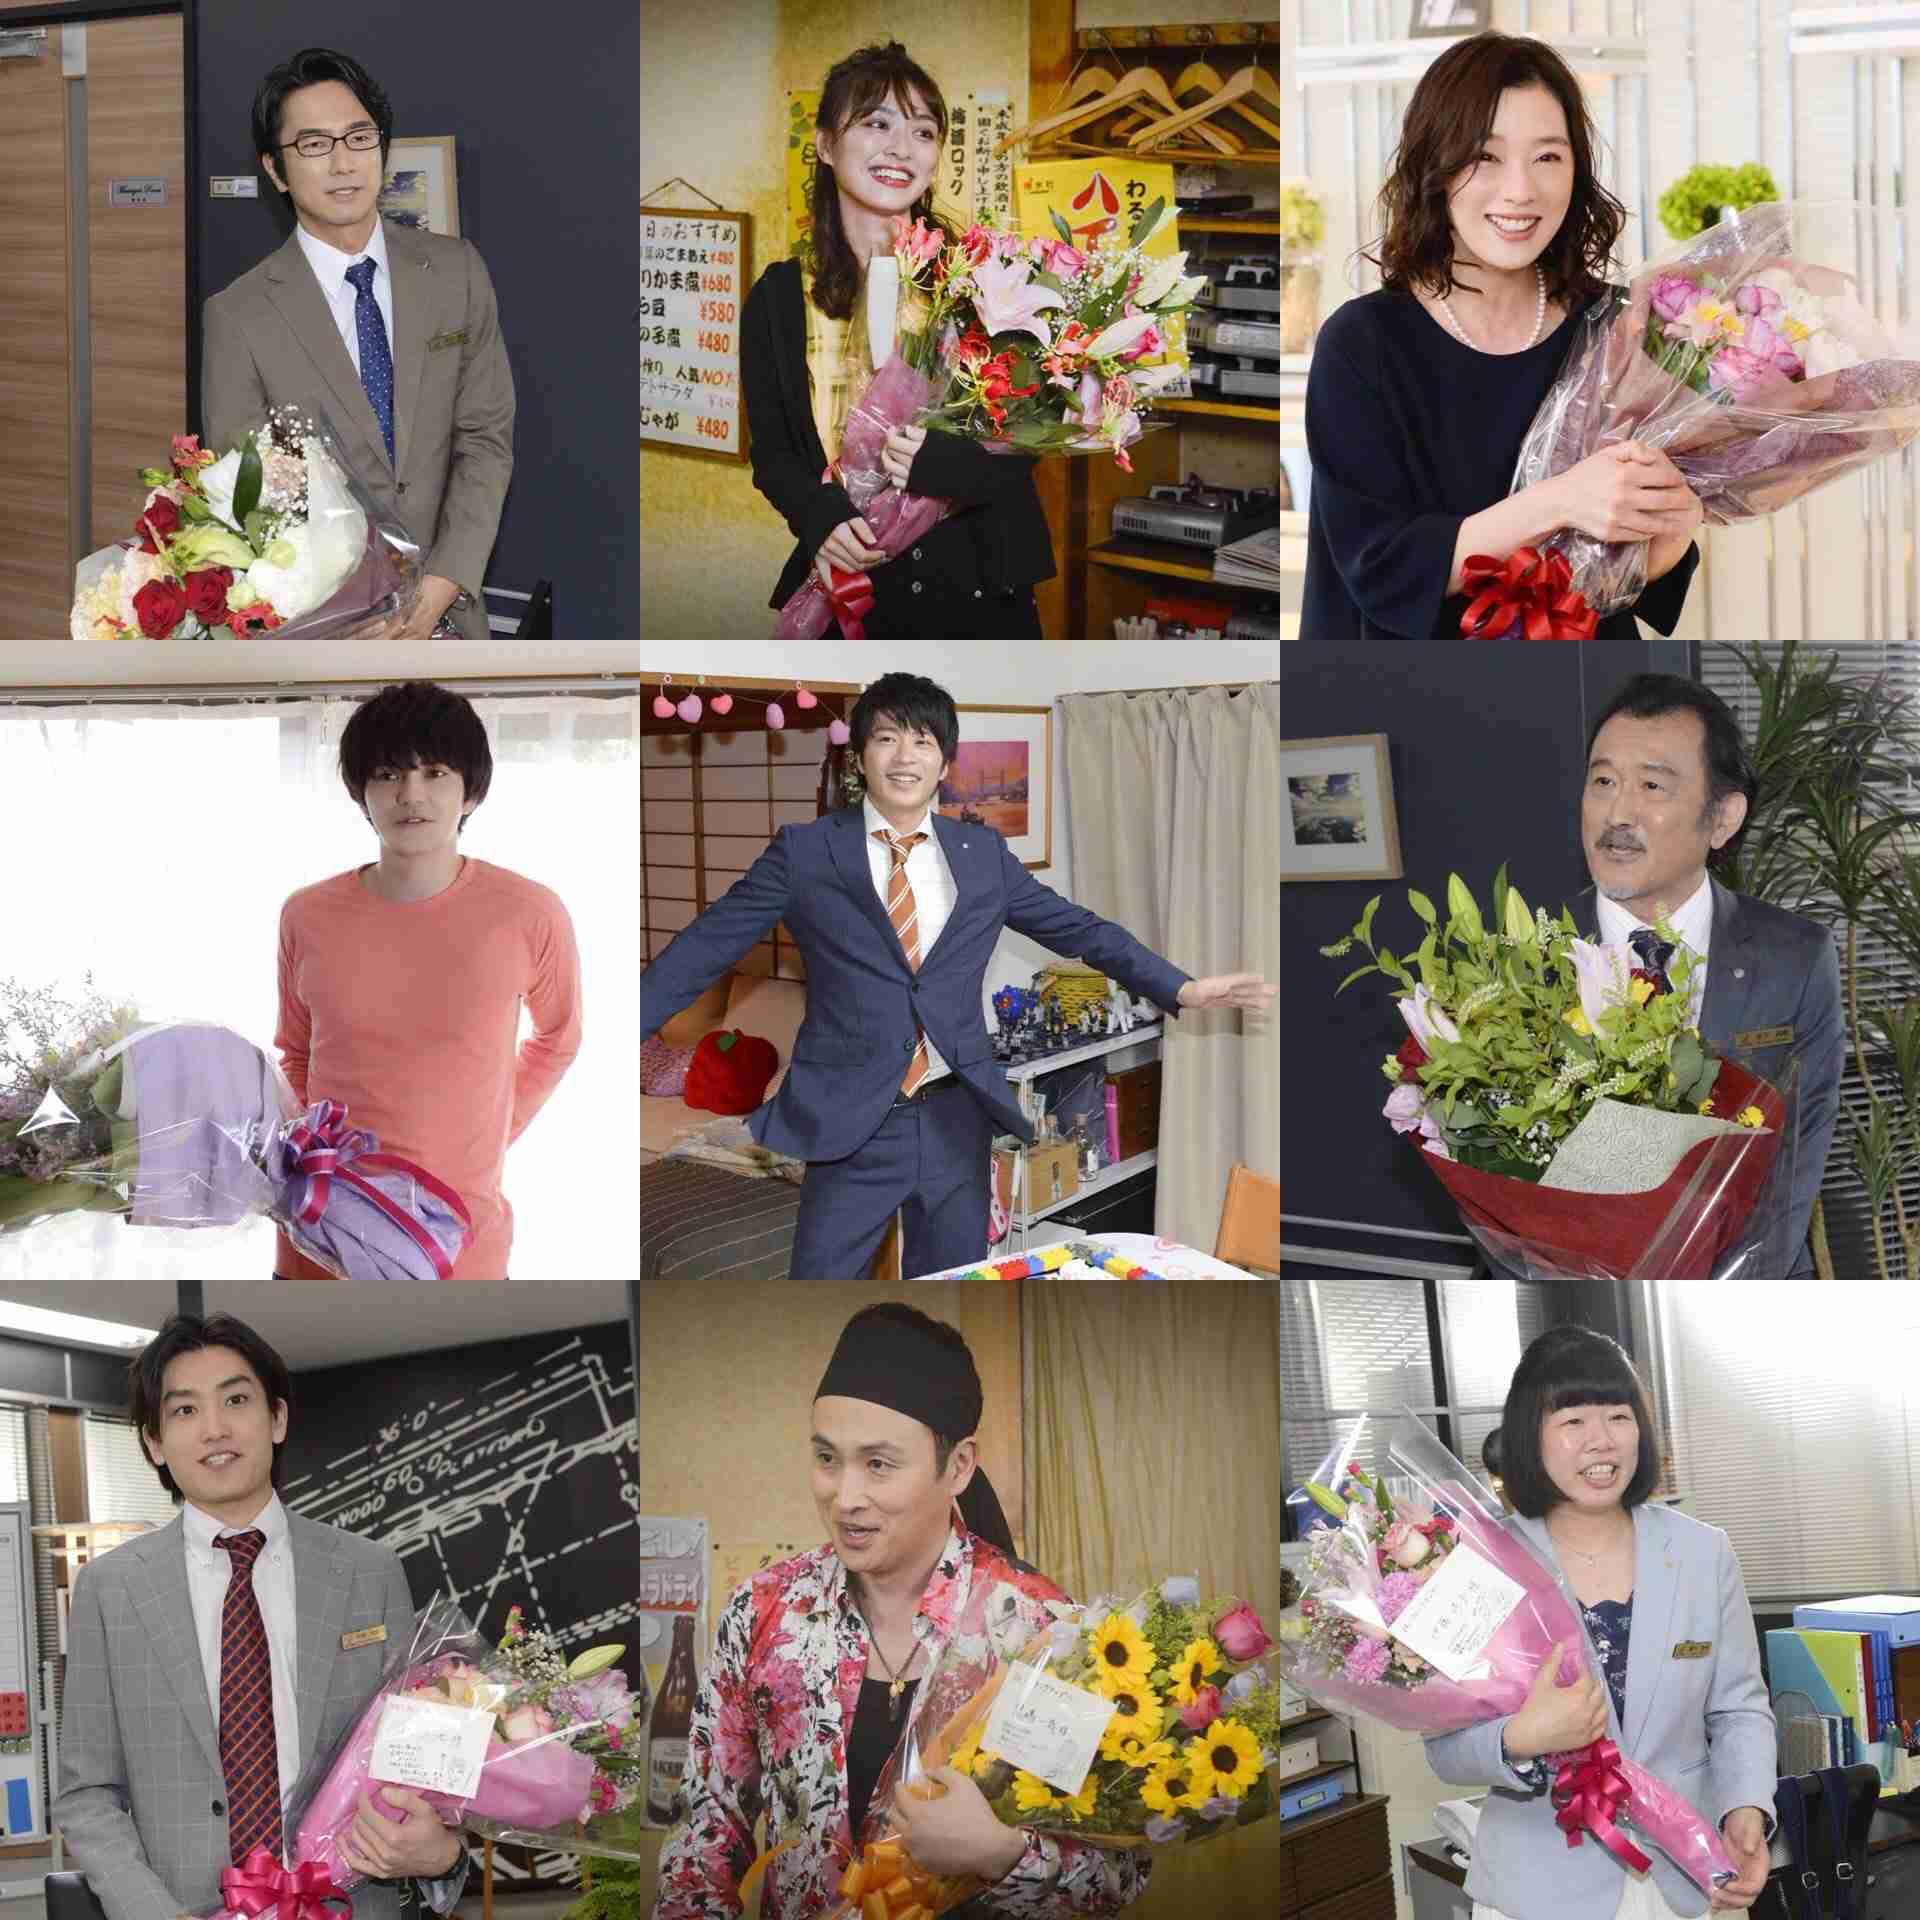 「おっさんずラブ」がドラマアカデミー賞6冠達成